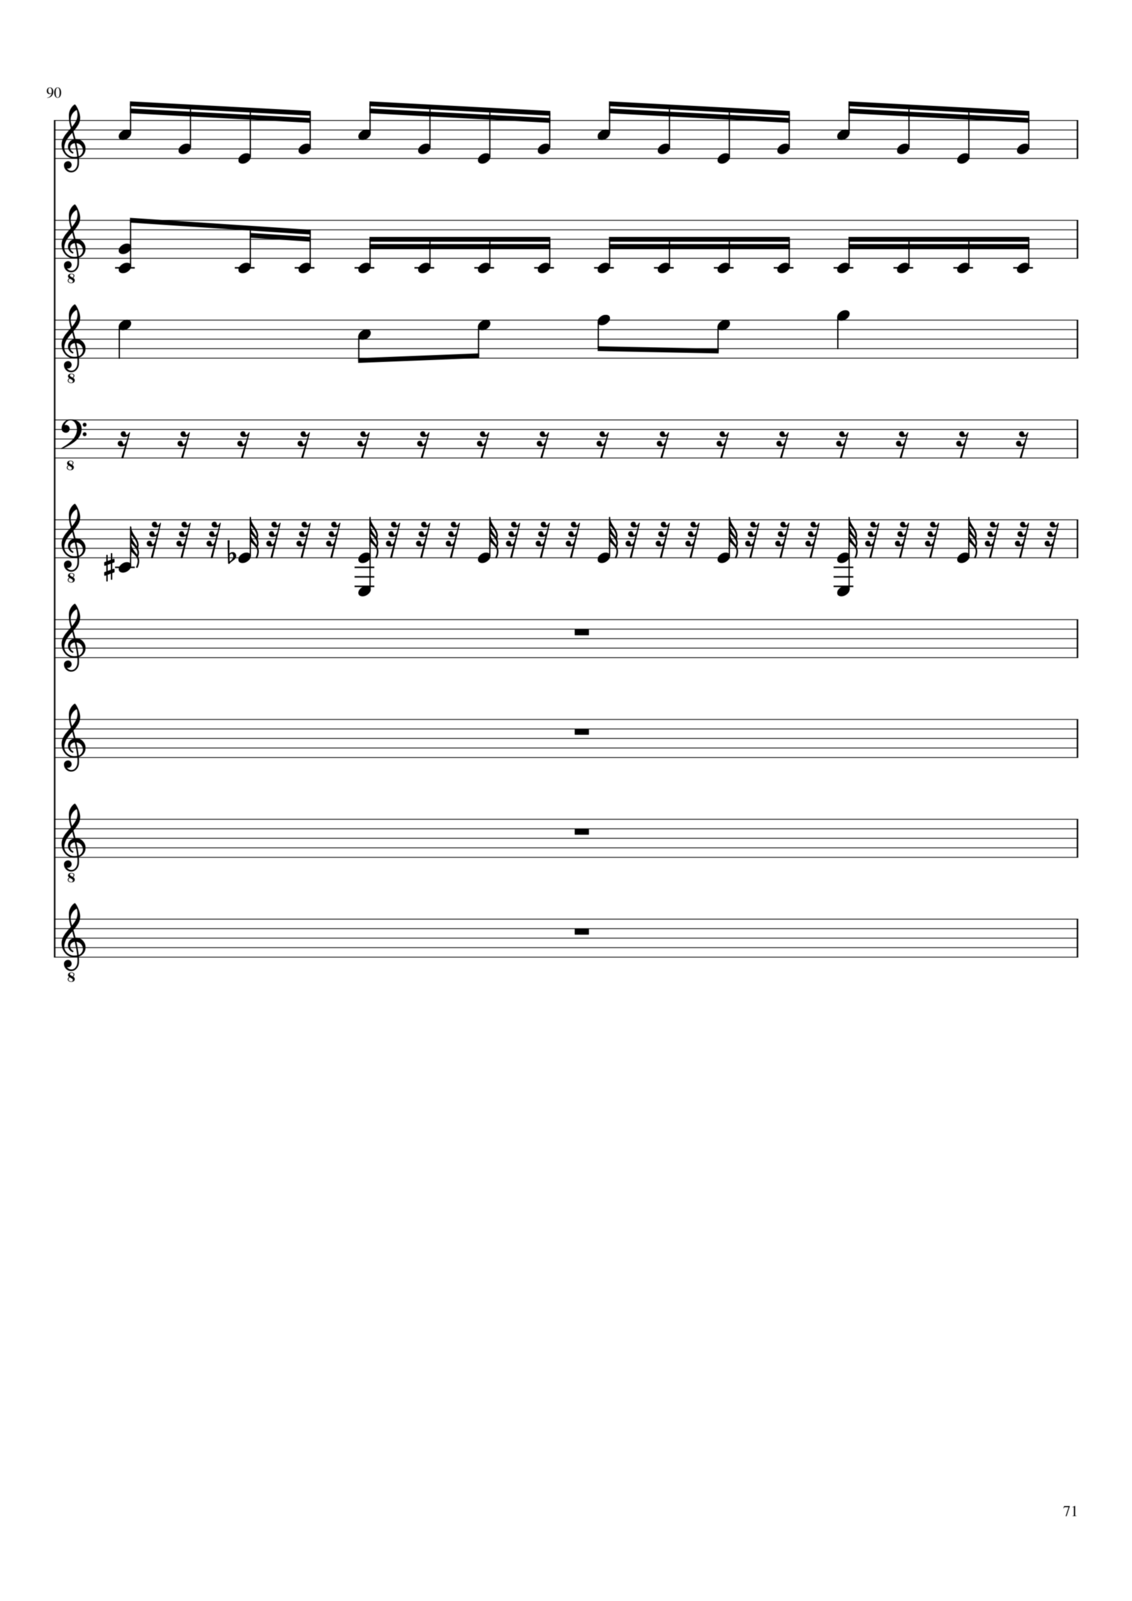 Zagadka volshebnoy stranyi slide, Image 71